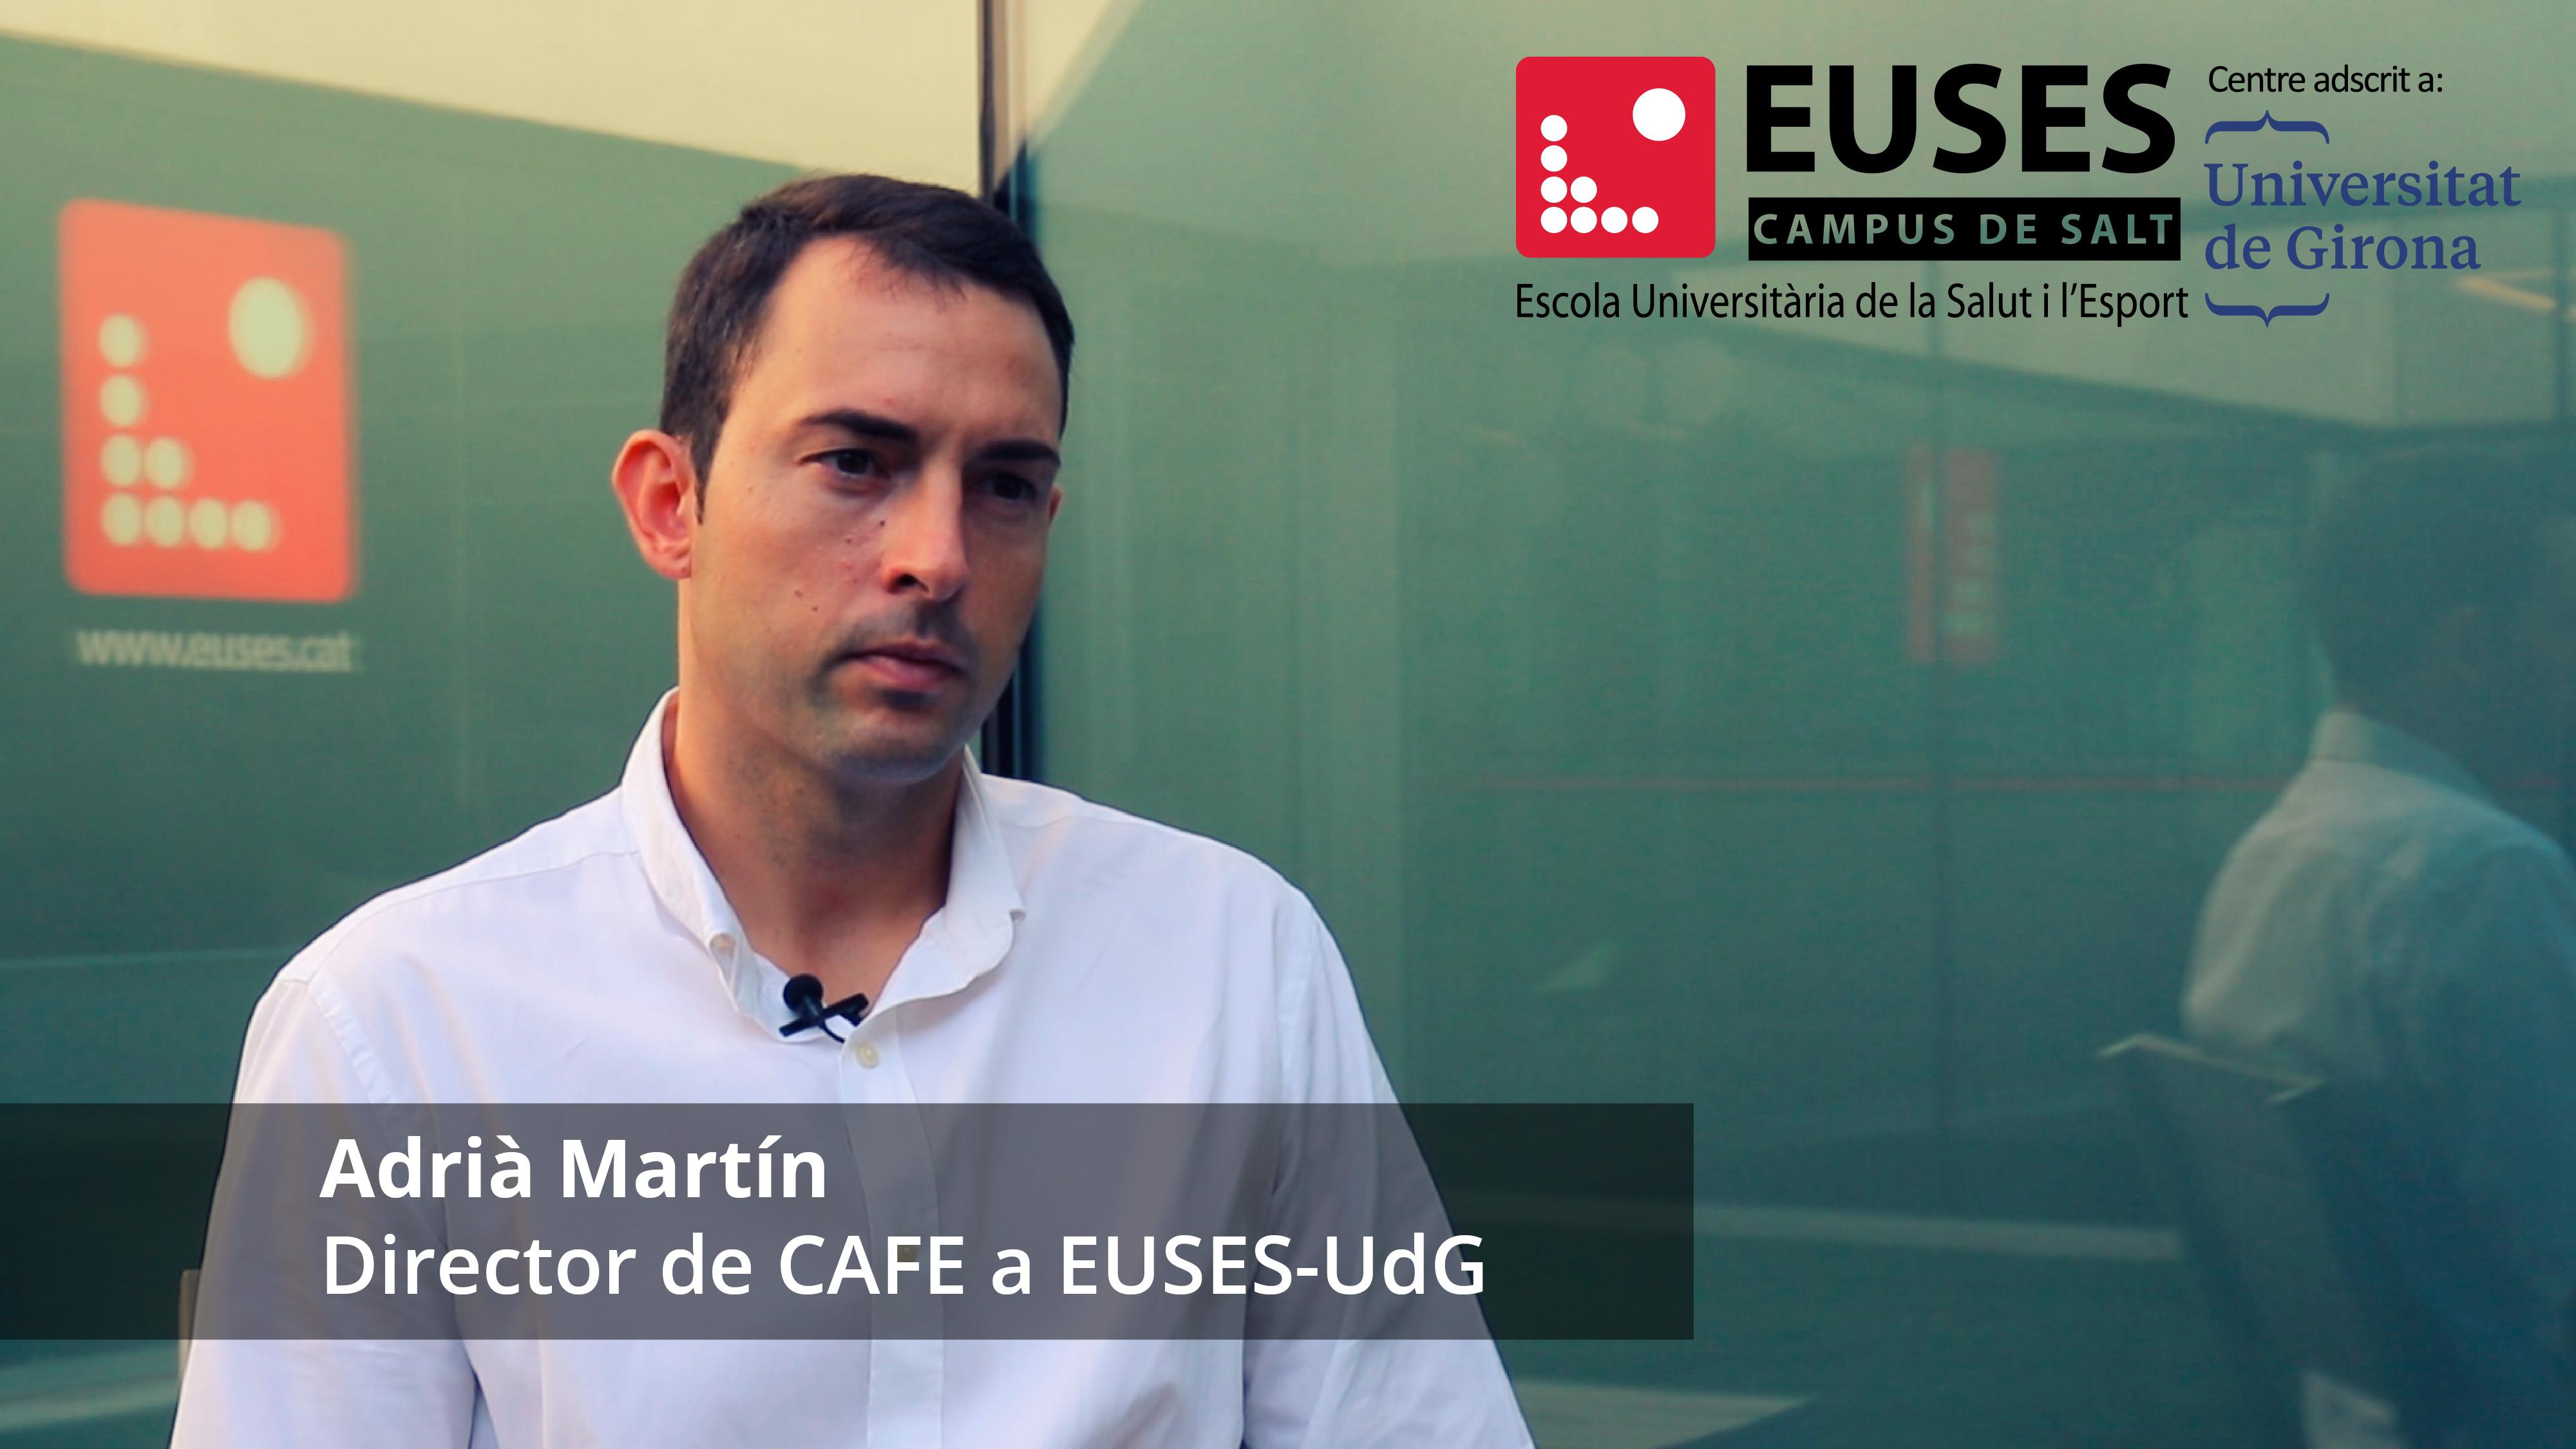 Un equip docent de qualitat caracteritza el Grau en Ciències de l'Activitat Física i de l'Esport d'EUSES-UdG